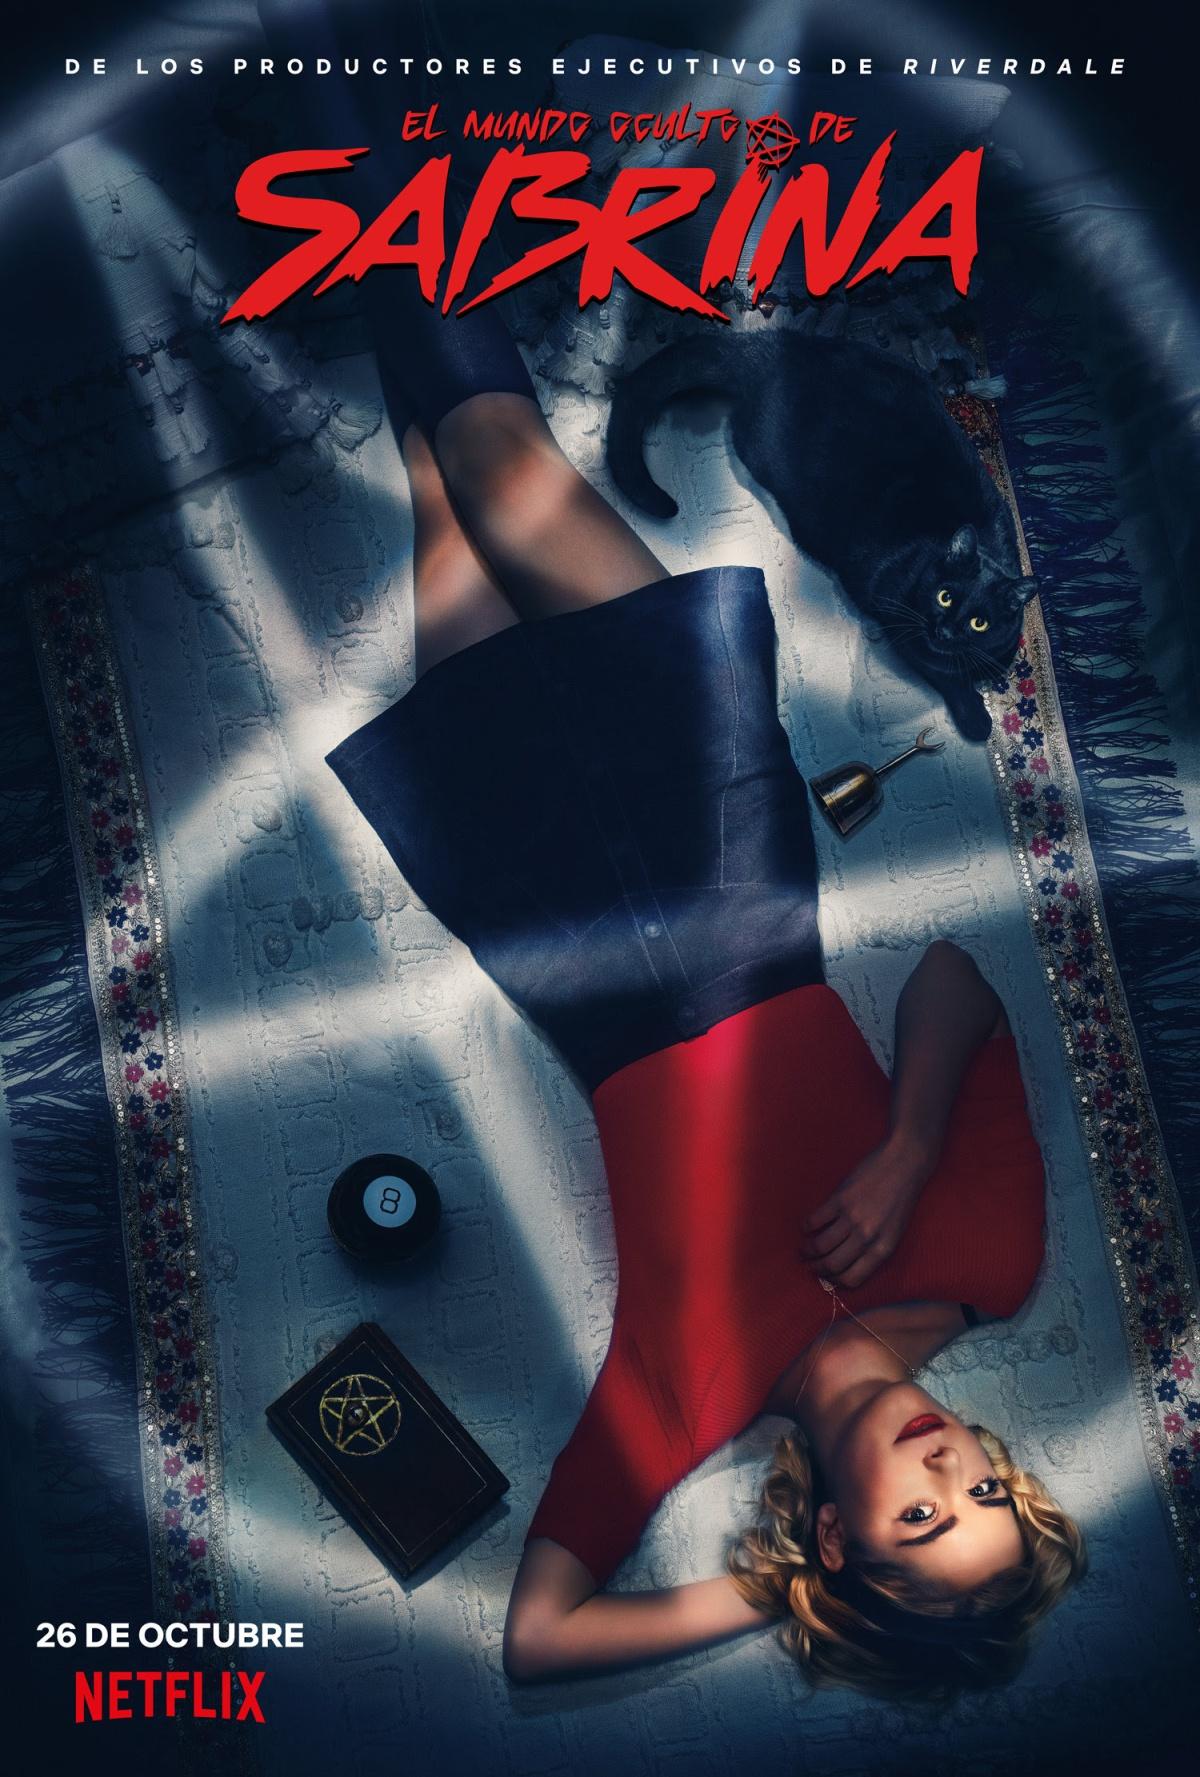 """""""El mundo oculto de Sabrina"""" cuestiona el patriarcado, convirtiéndose en un reboot terrorífico, divertido ygenial."""